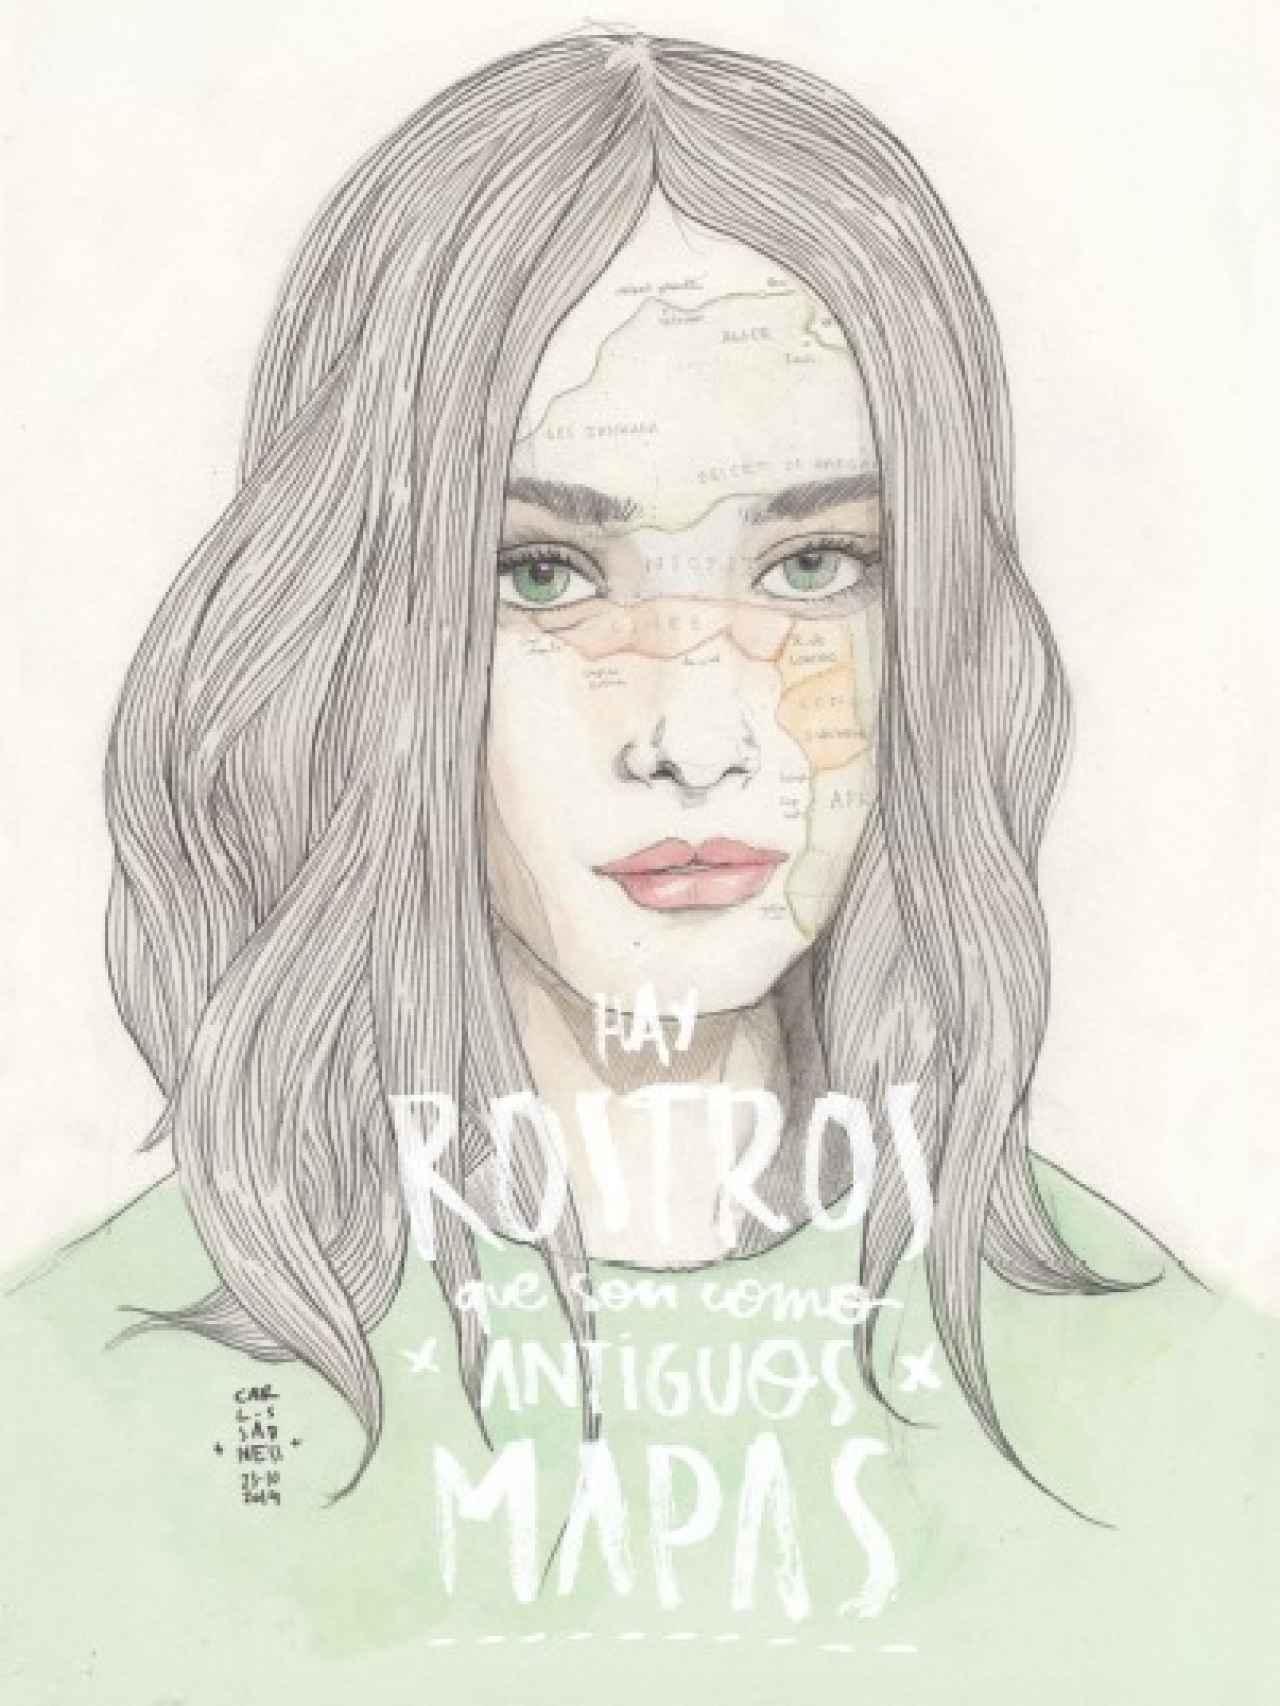 Una de las ilustraciones de Anatomías íntimas, el nuevo libro de Carlos Sadness.